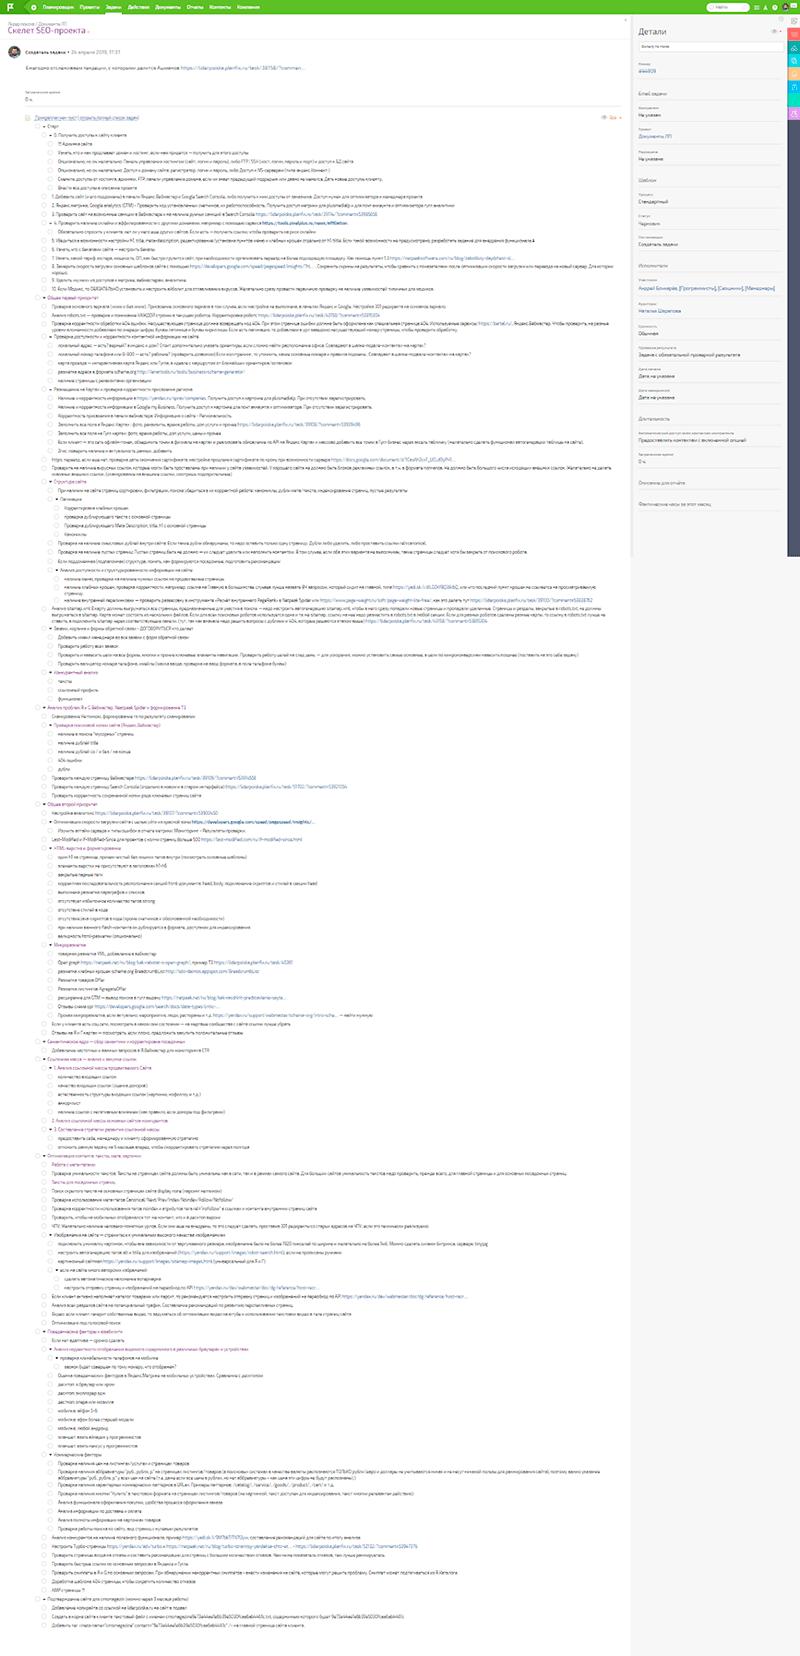 Чек-лист работы над новым проектом в «Лидер поиска»